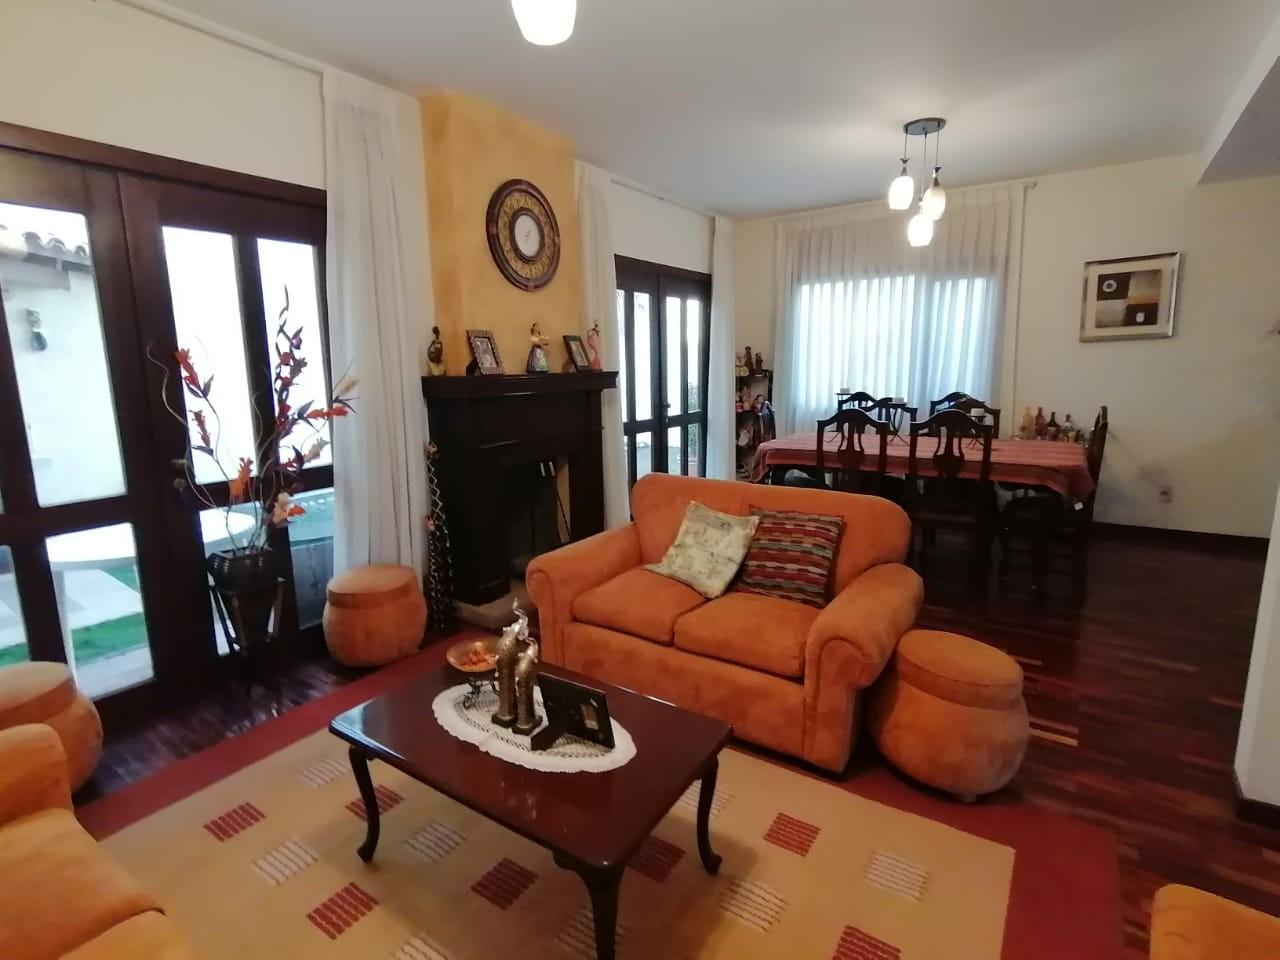 Casa en Venta Los Rosales, Achumani Foto 1